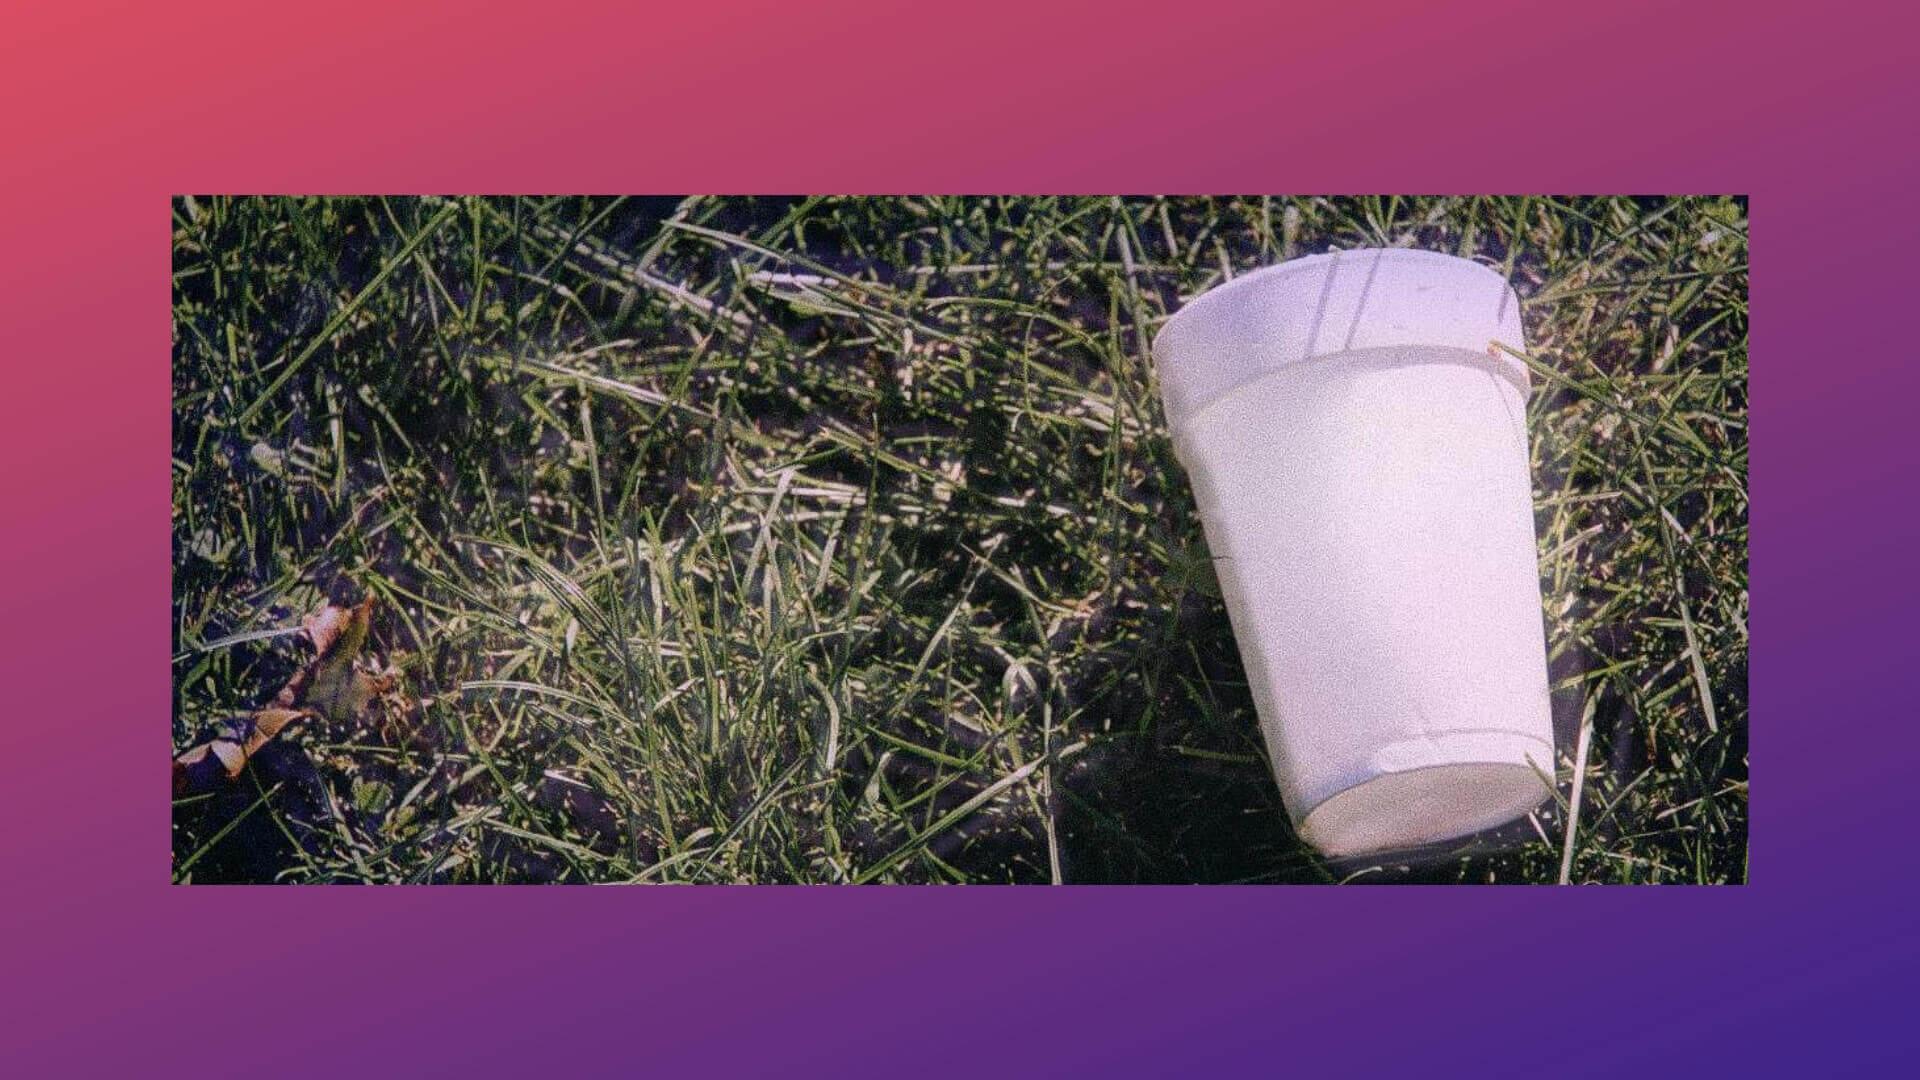 mexico-medidas-politicas-ambientales-basura-plastico-unicel